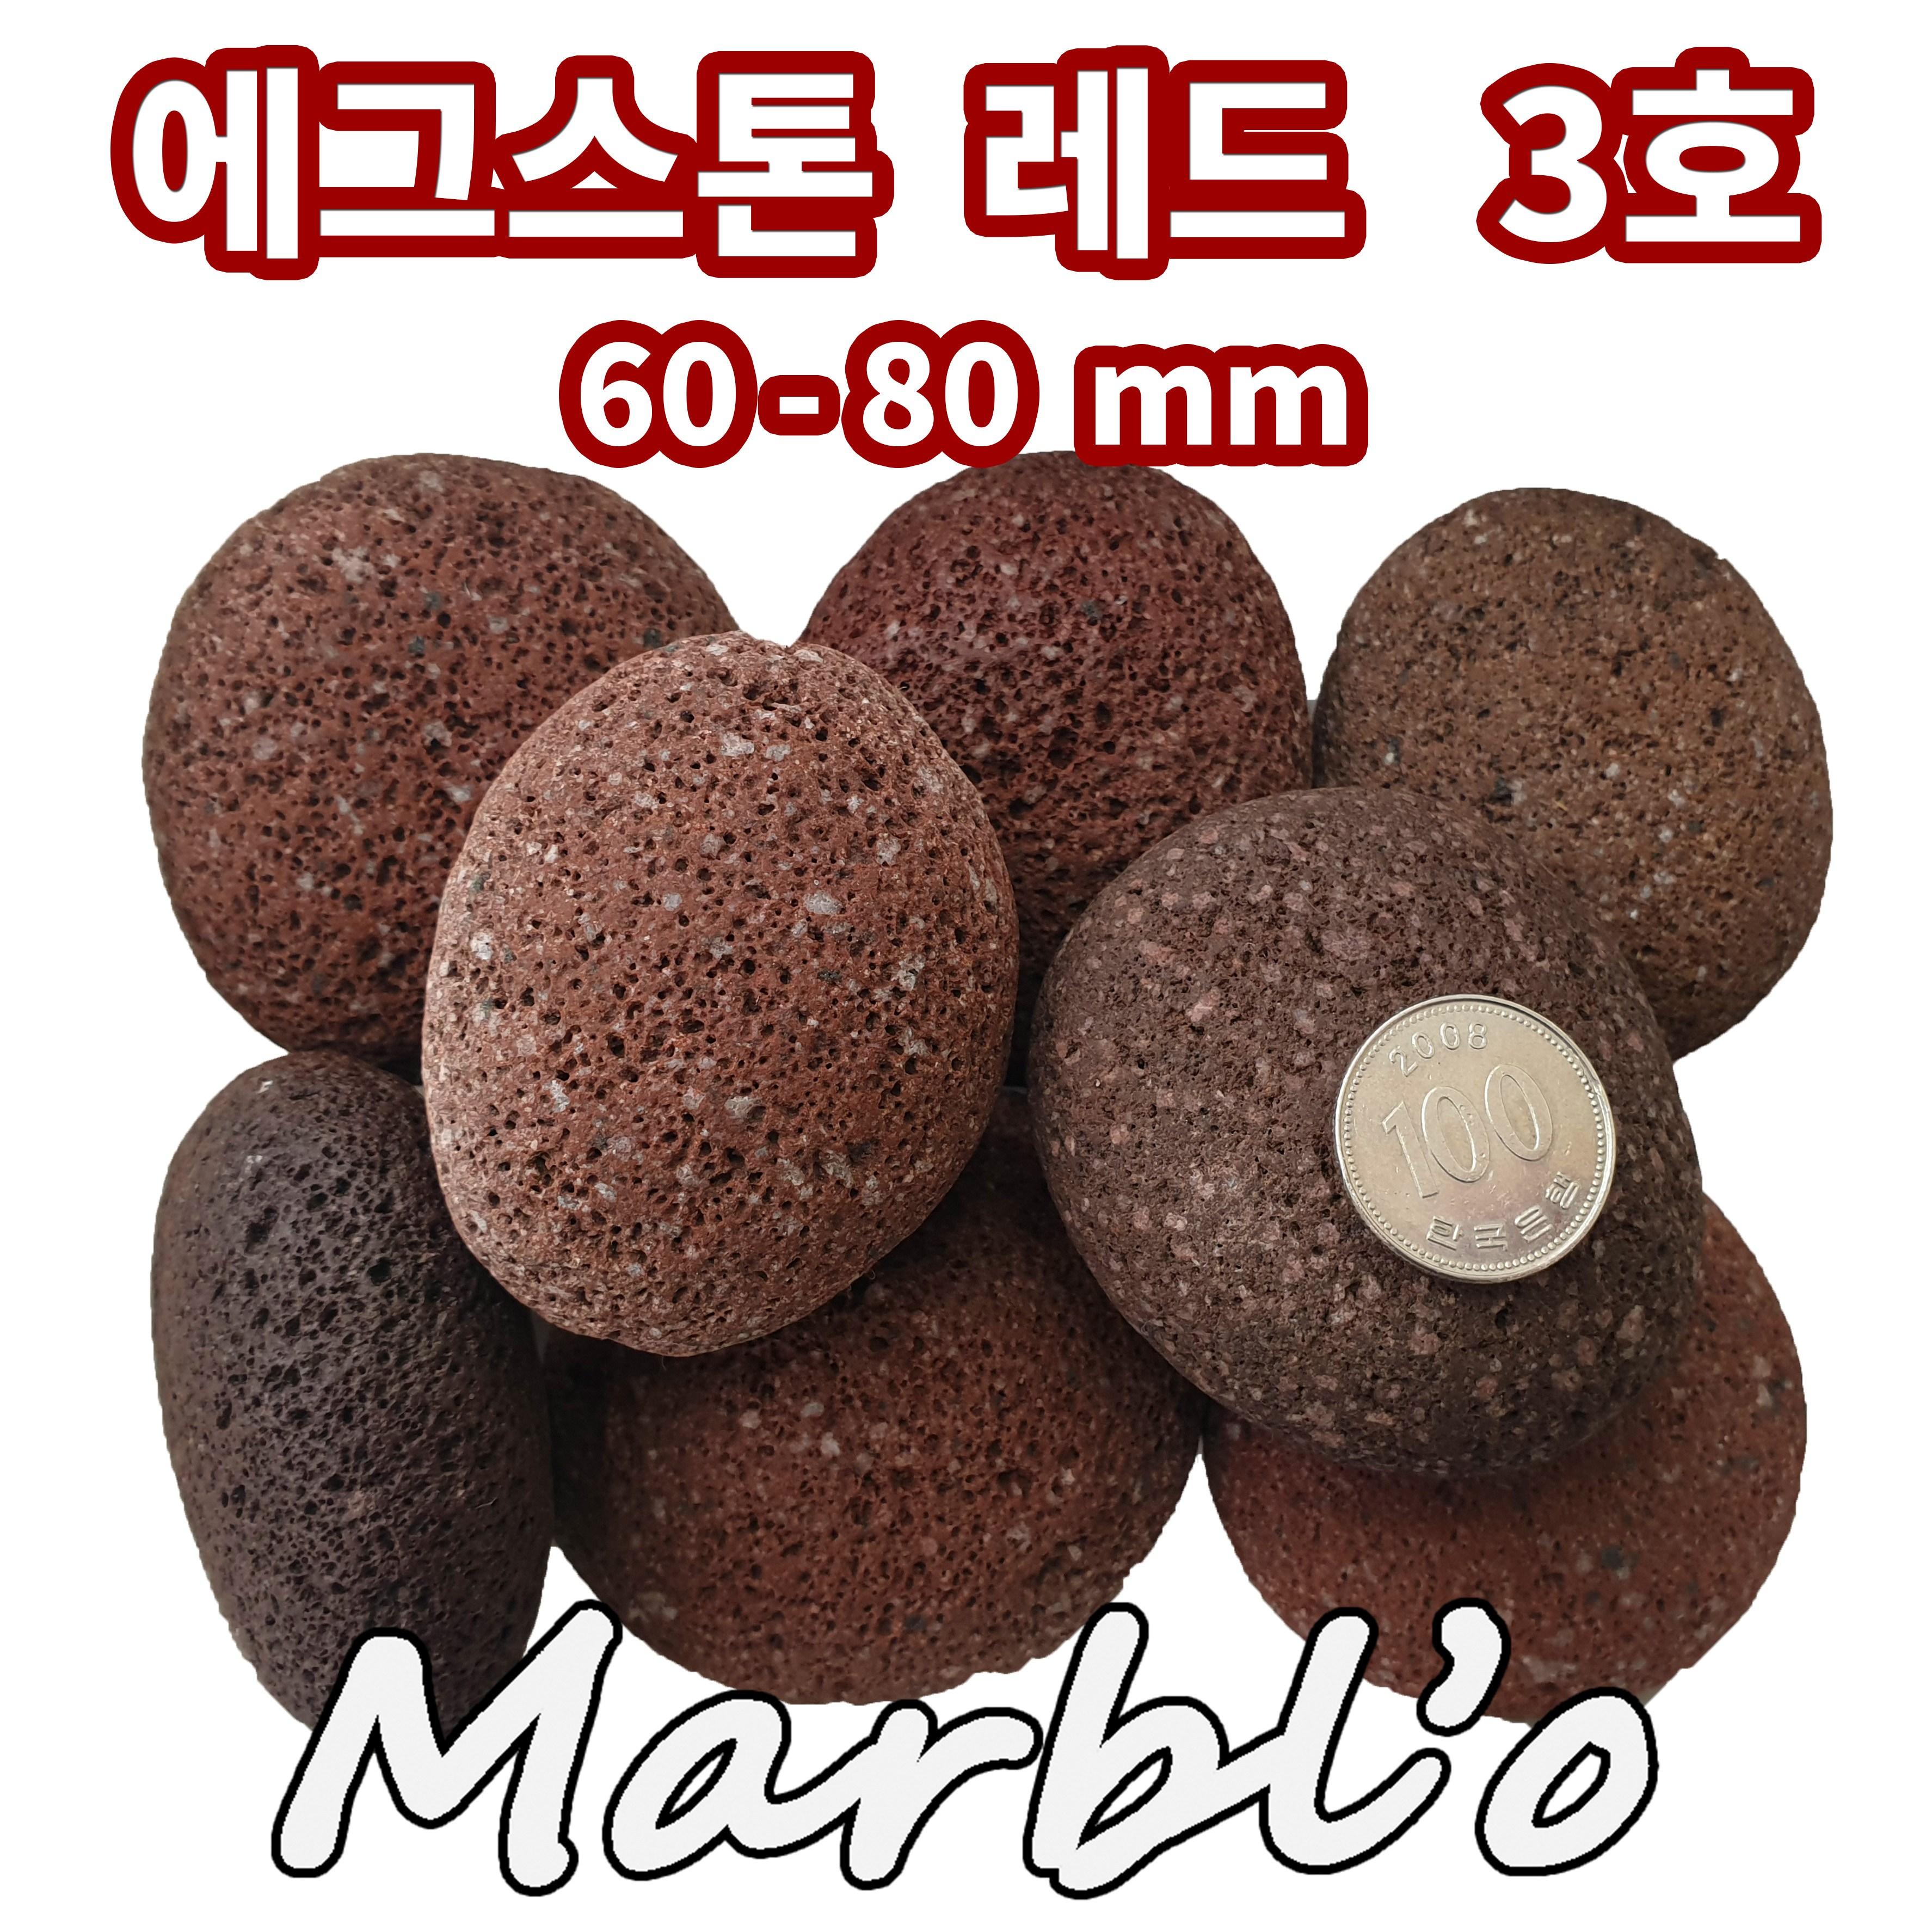 [마블로] 현무암 에그스톤 레드 자갈 2kg, 3호